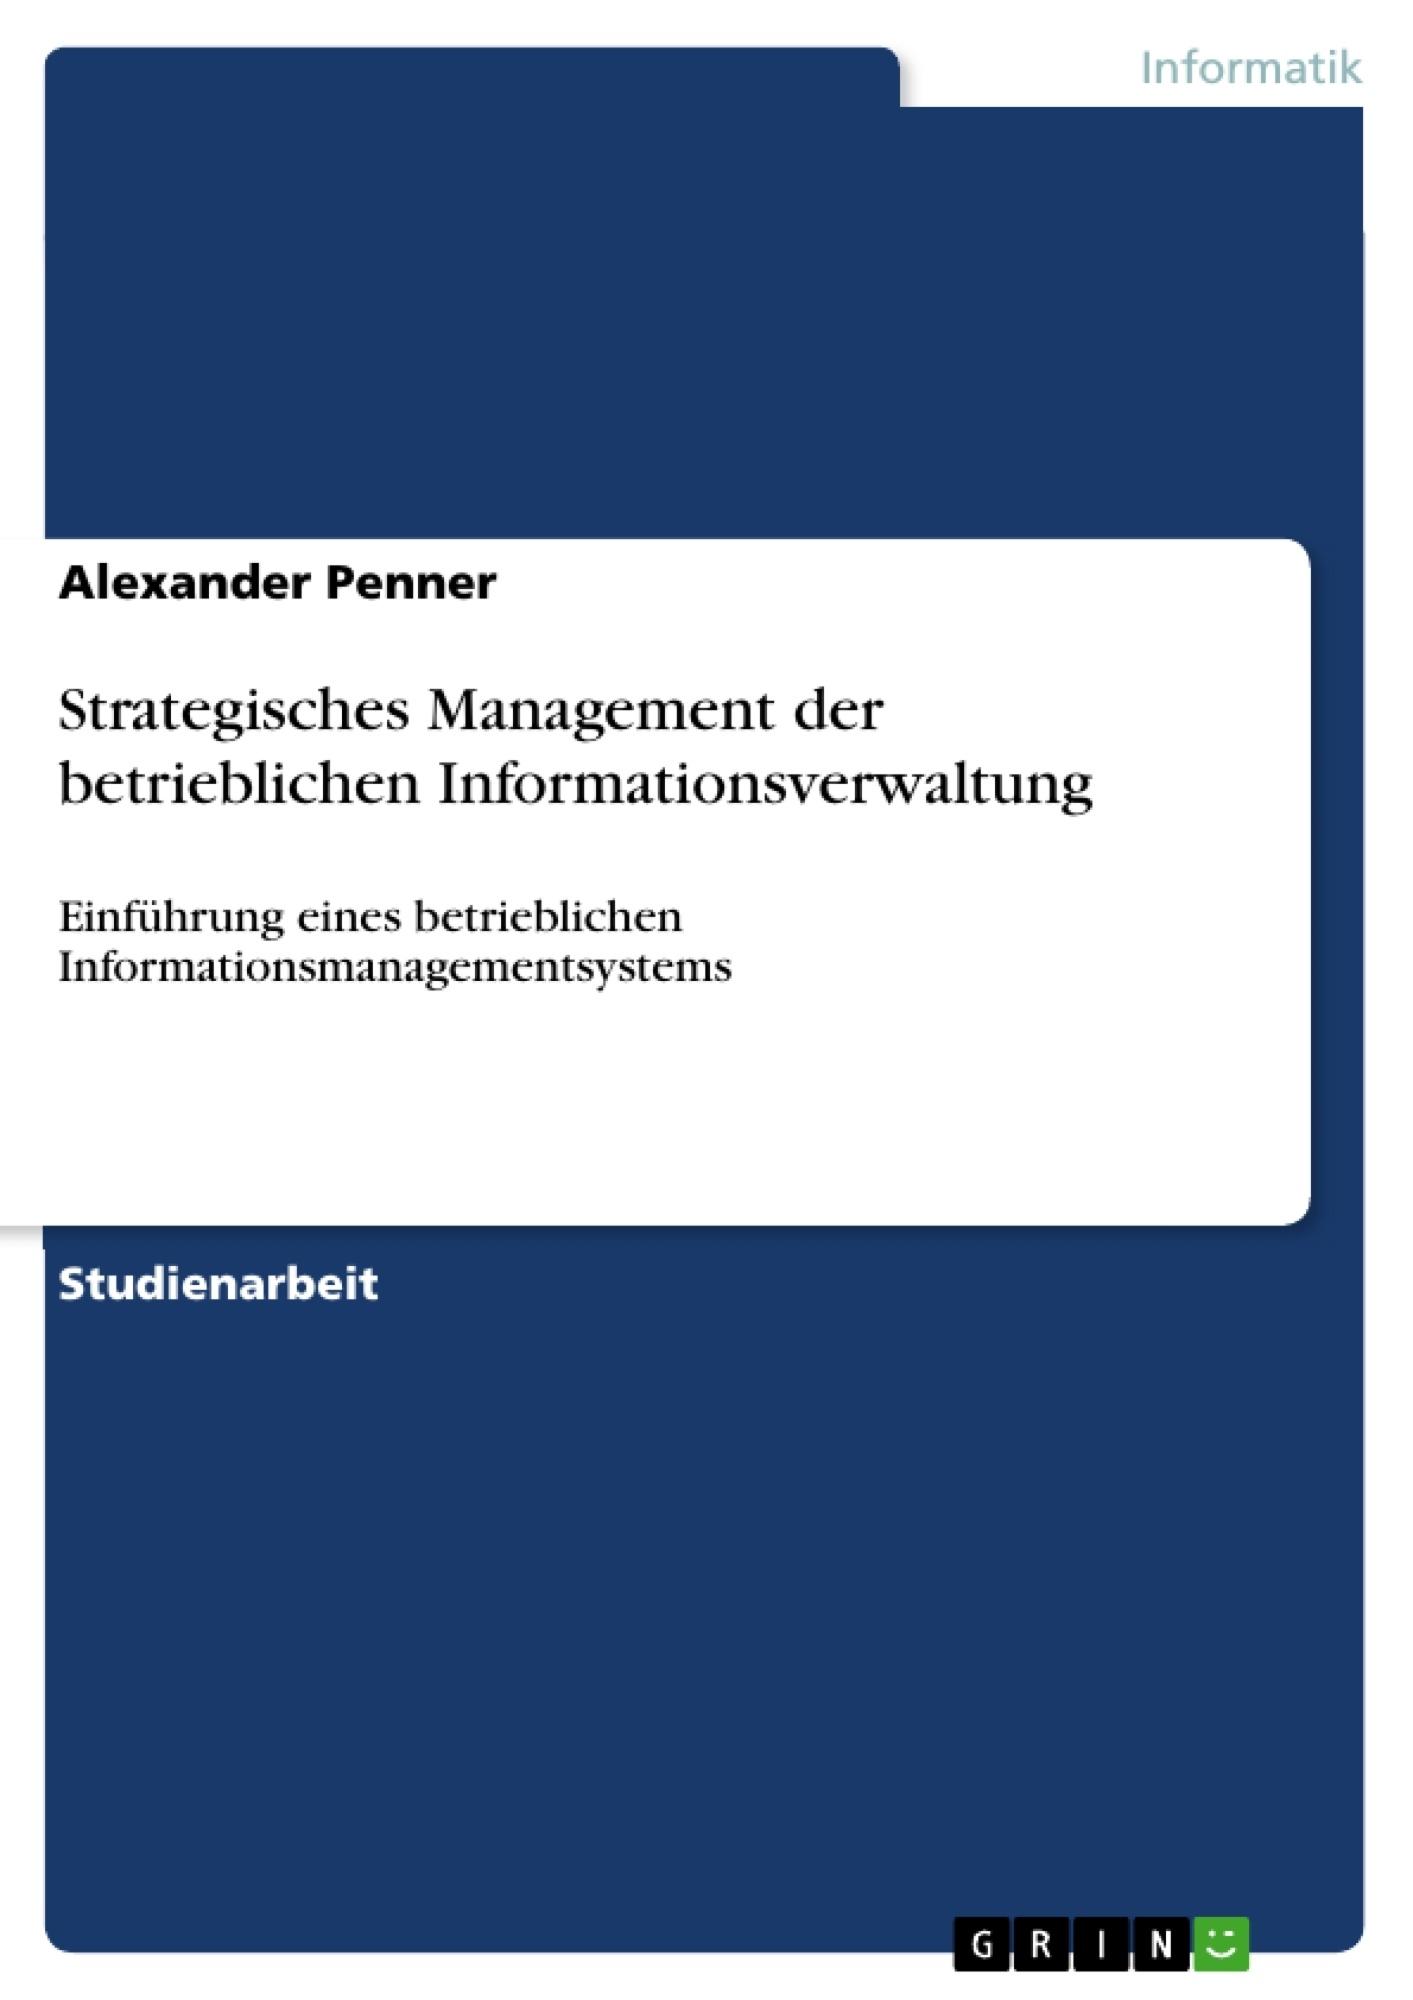 Titel: Strategisches Management der betrieblichen Informationsverwaltung